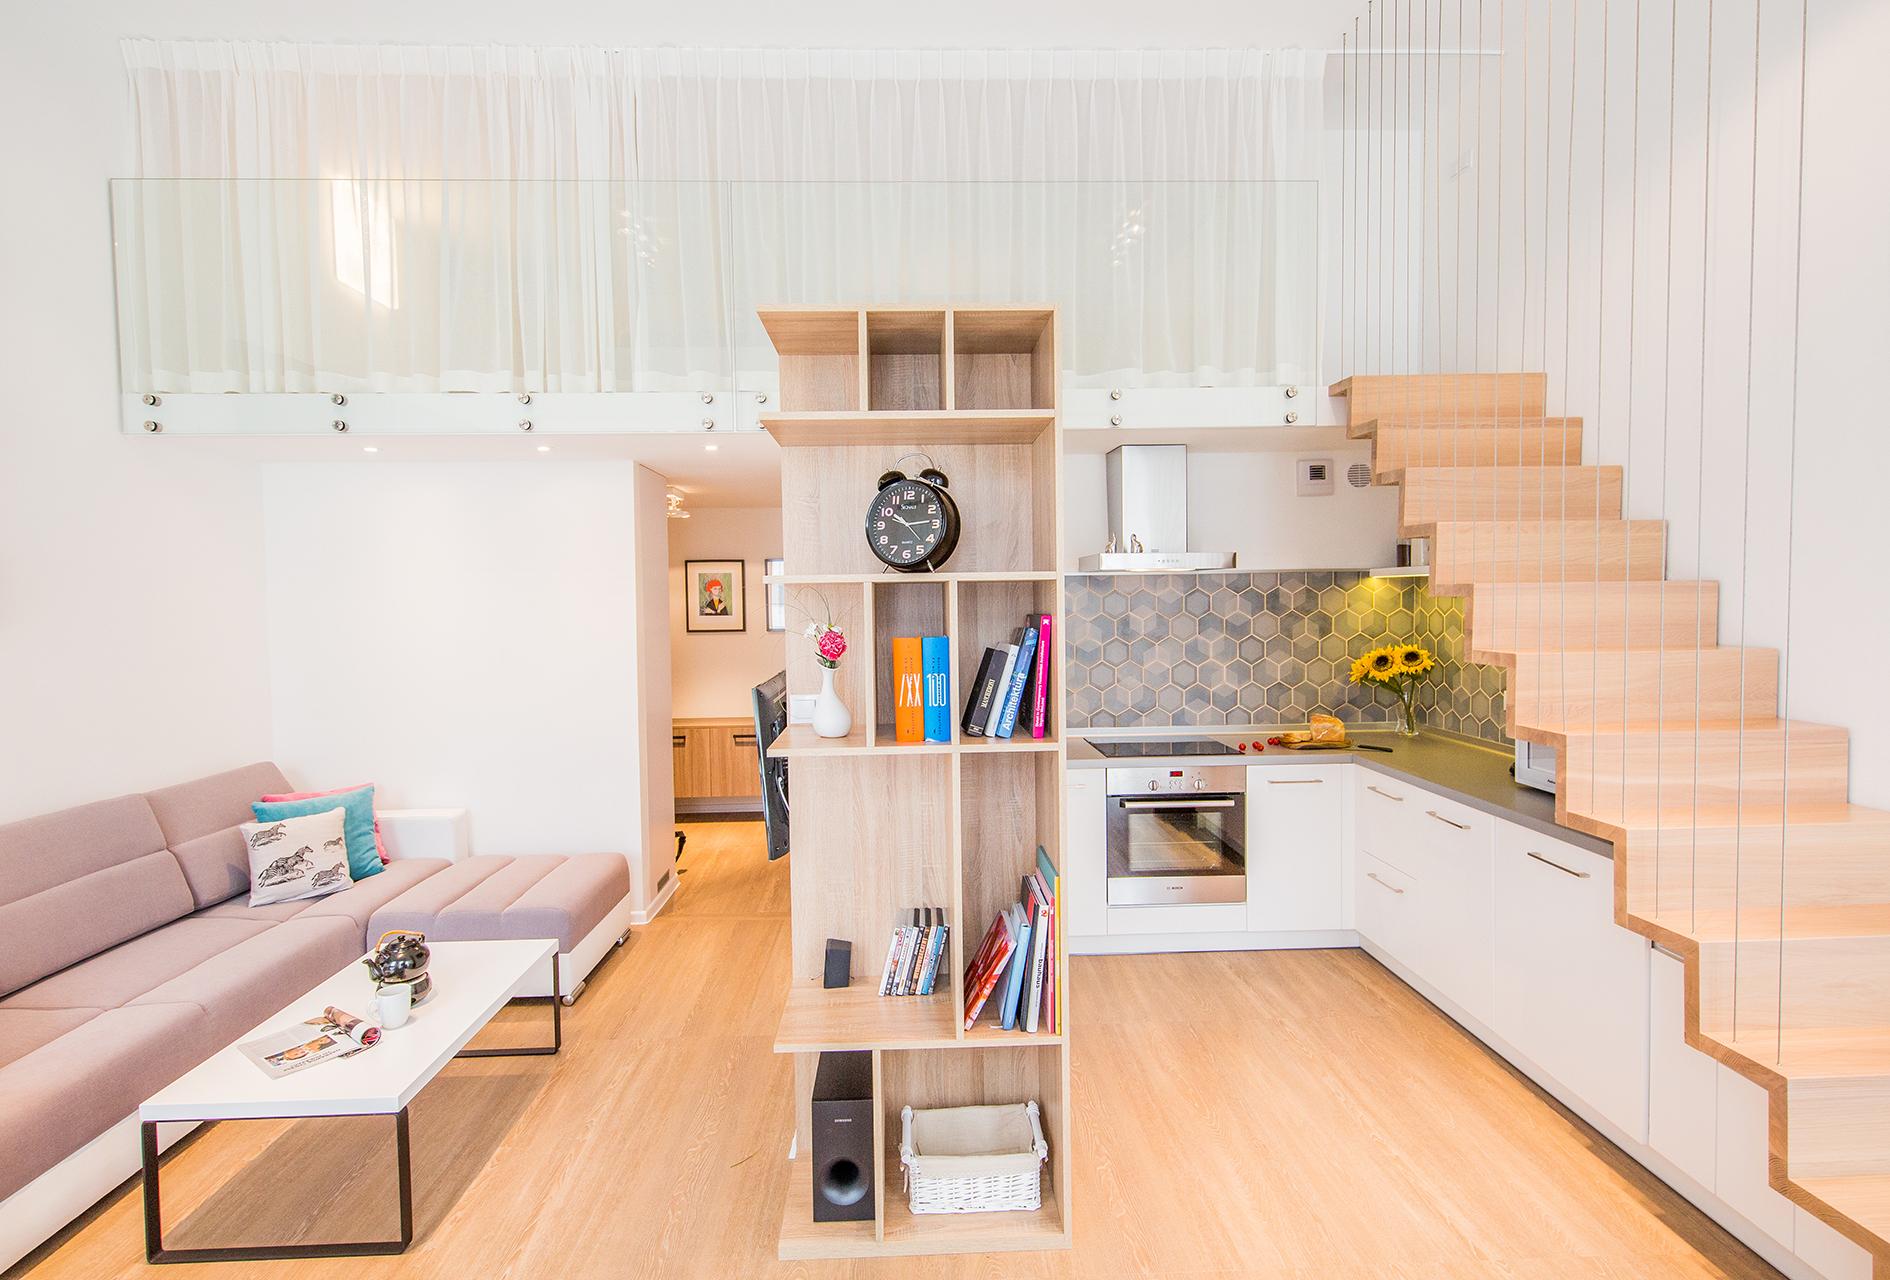 salon, antresola, apartament kokos, projekt wnętrz, architekt wrocław, kore, julia koczur 01